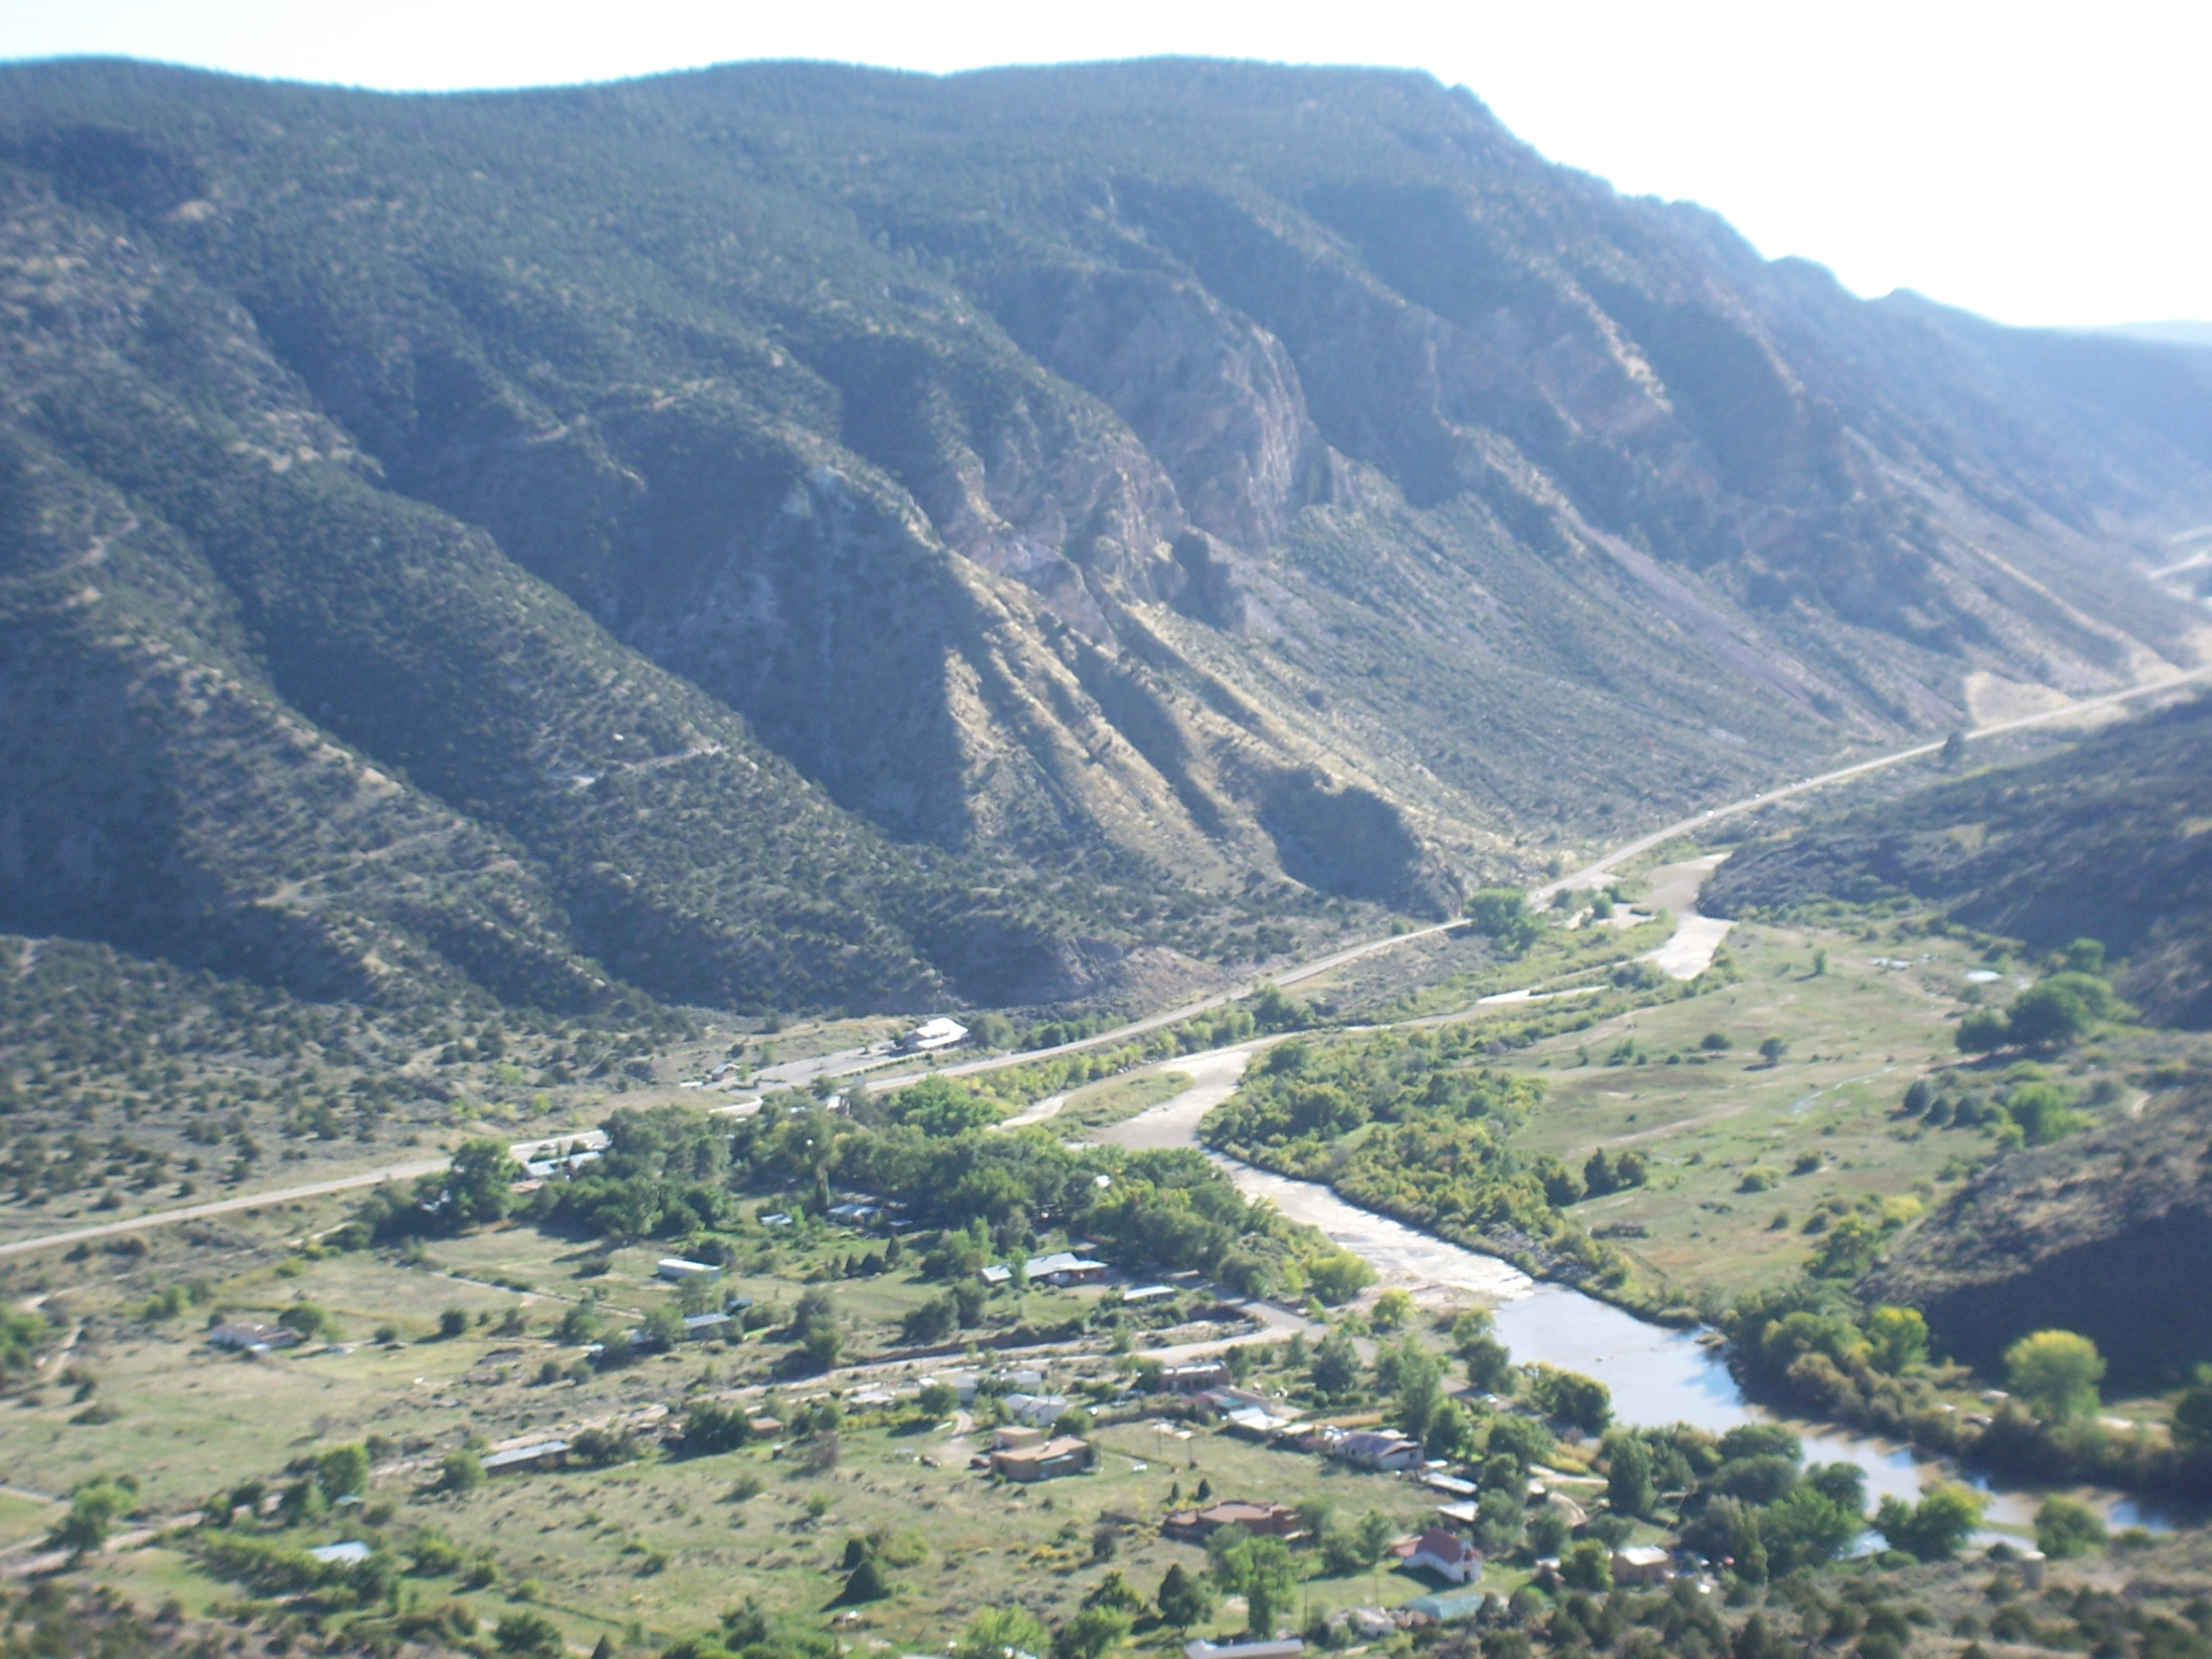 New mexico taos county penasco - Pilar New Mexico